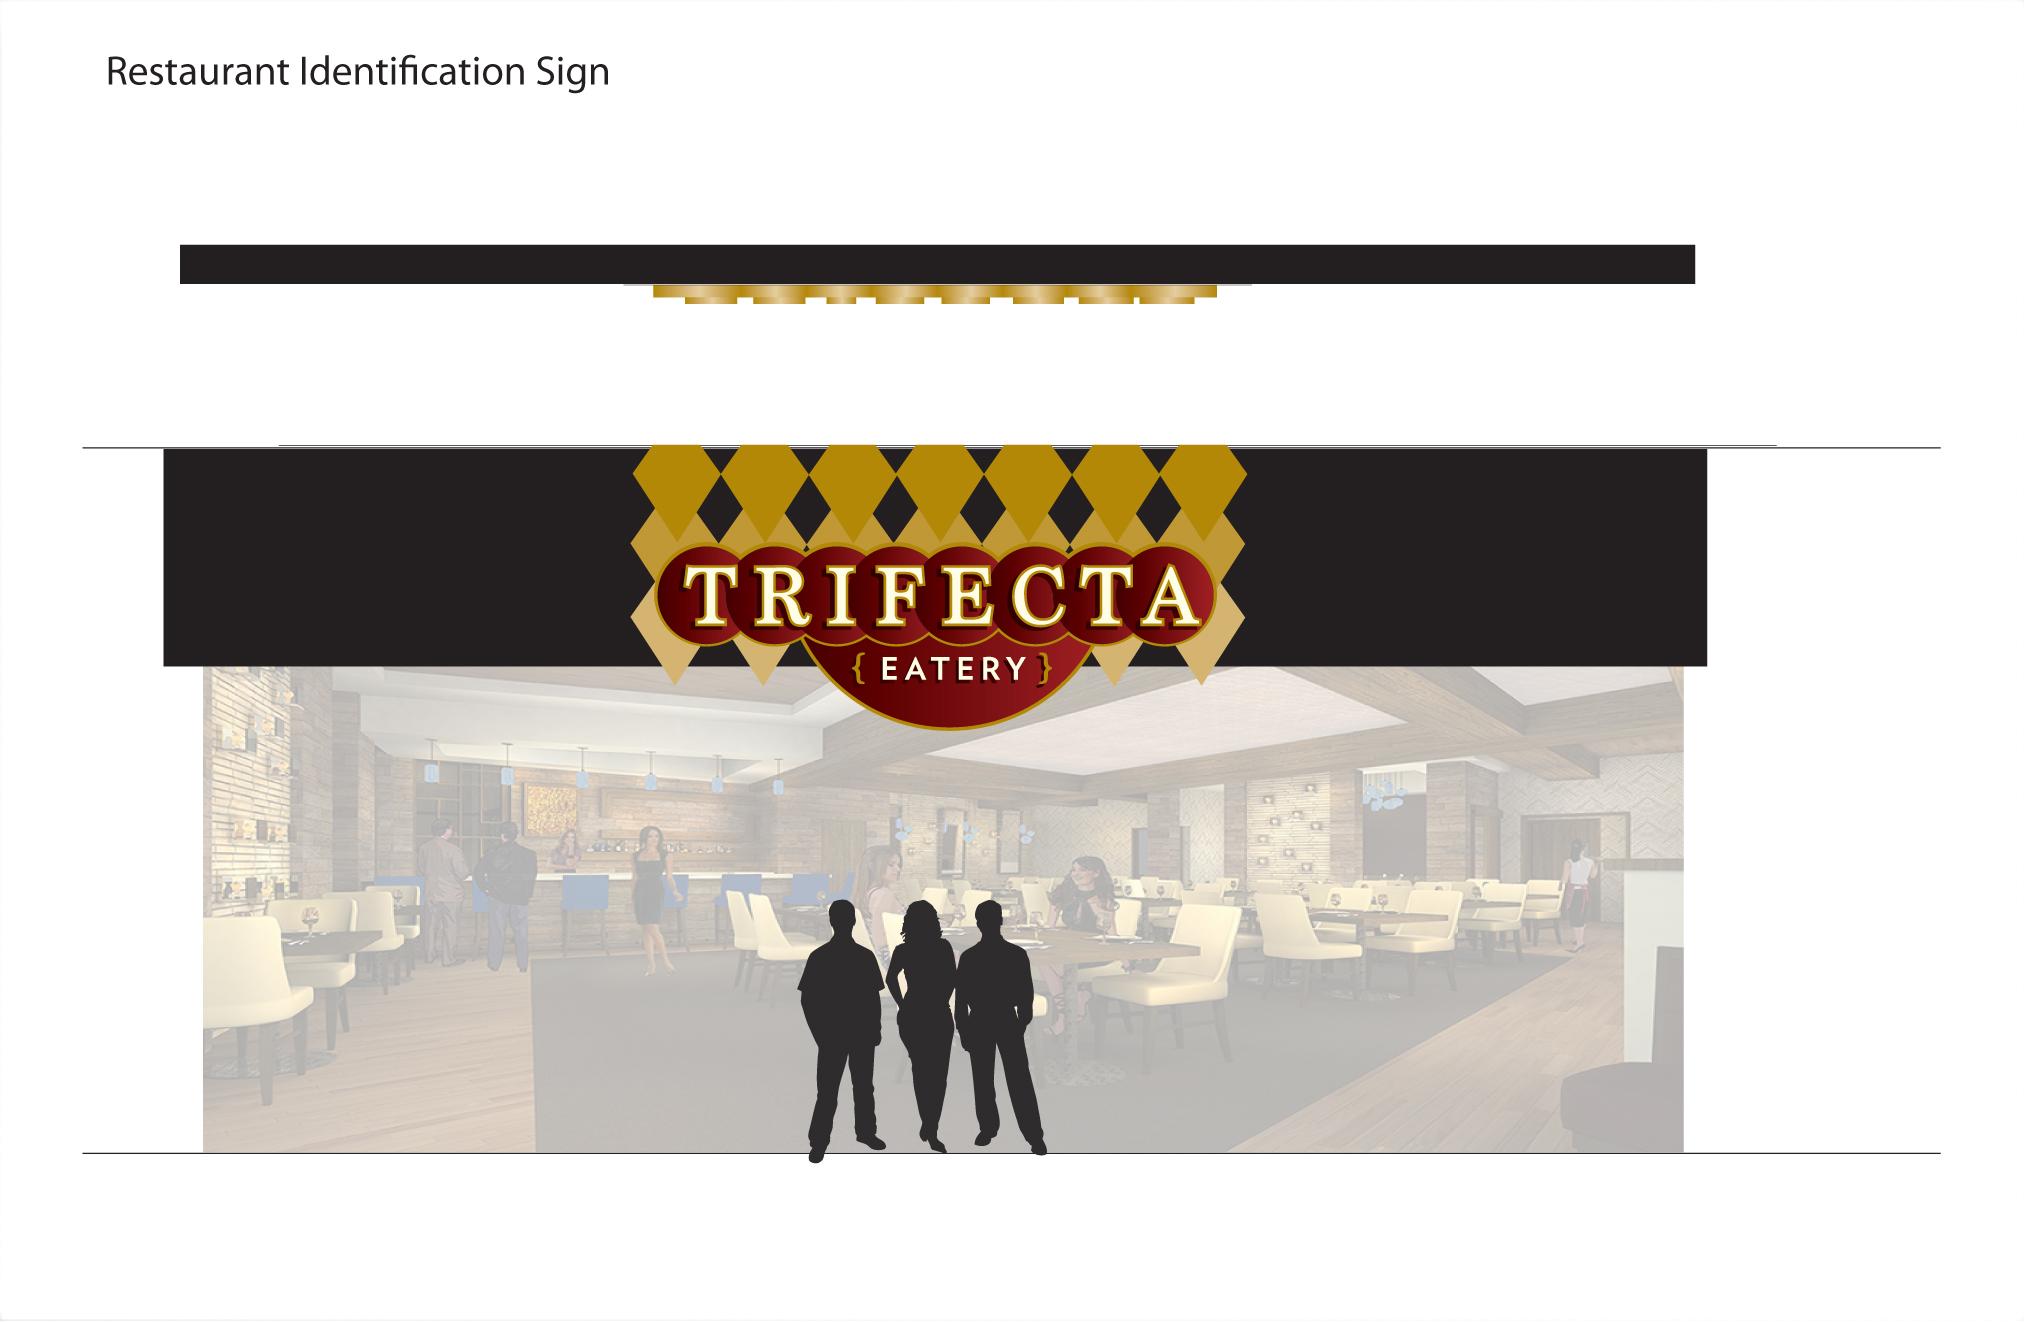 Casino Branding & Signage Design